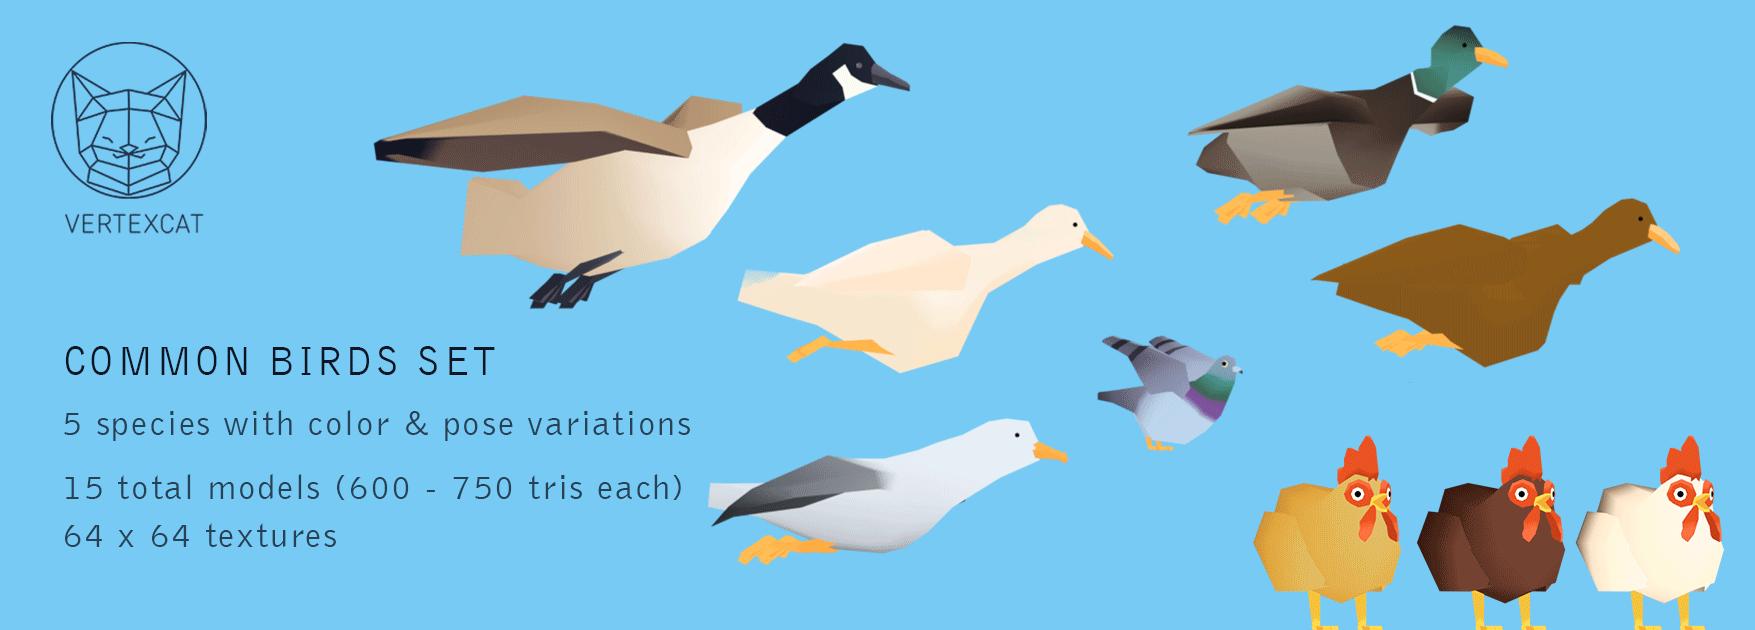 Common birds set